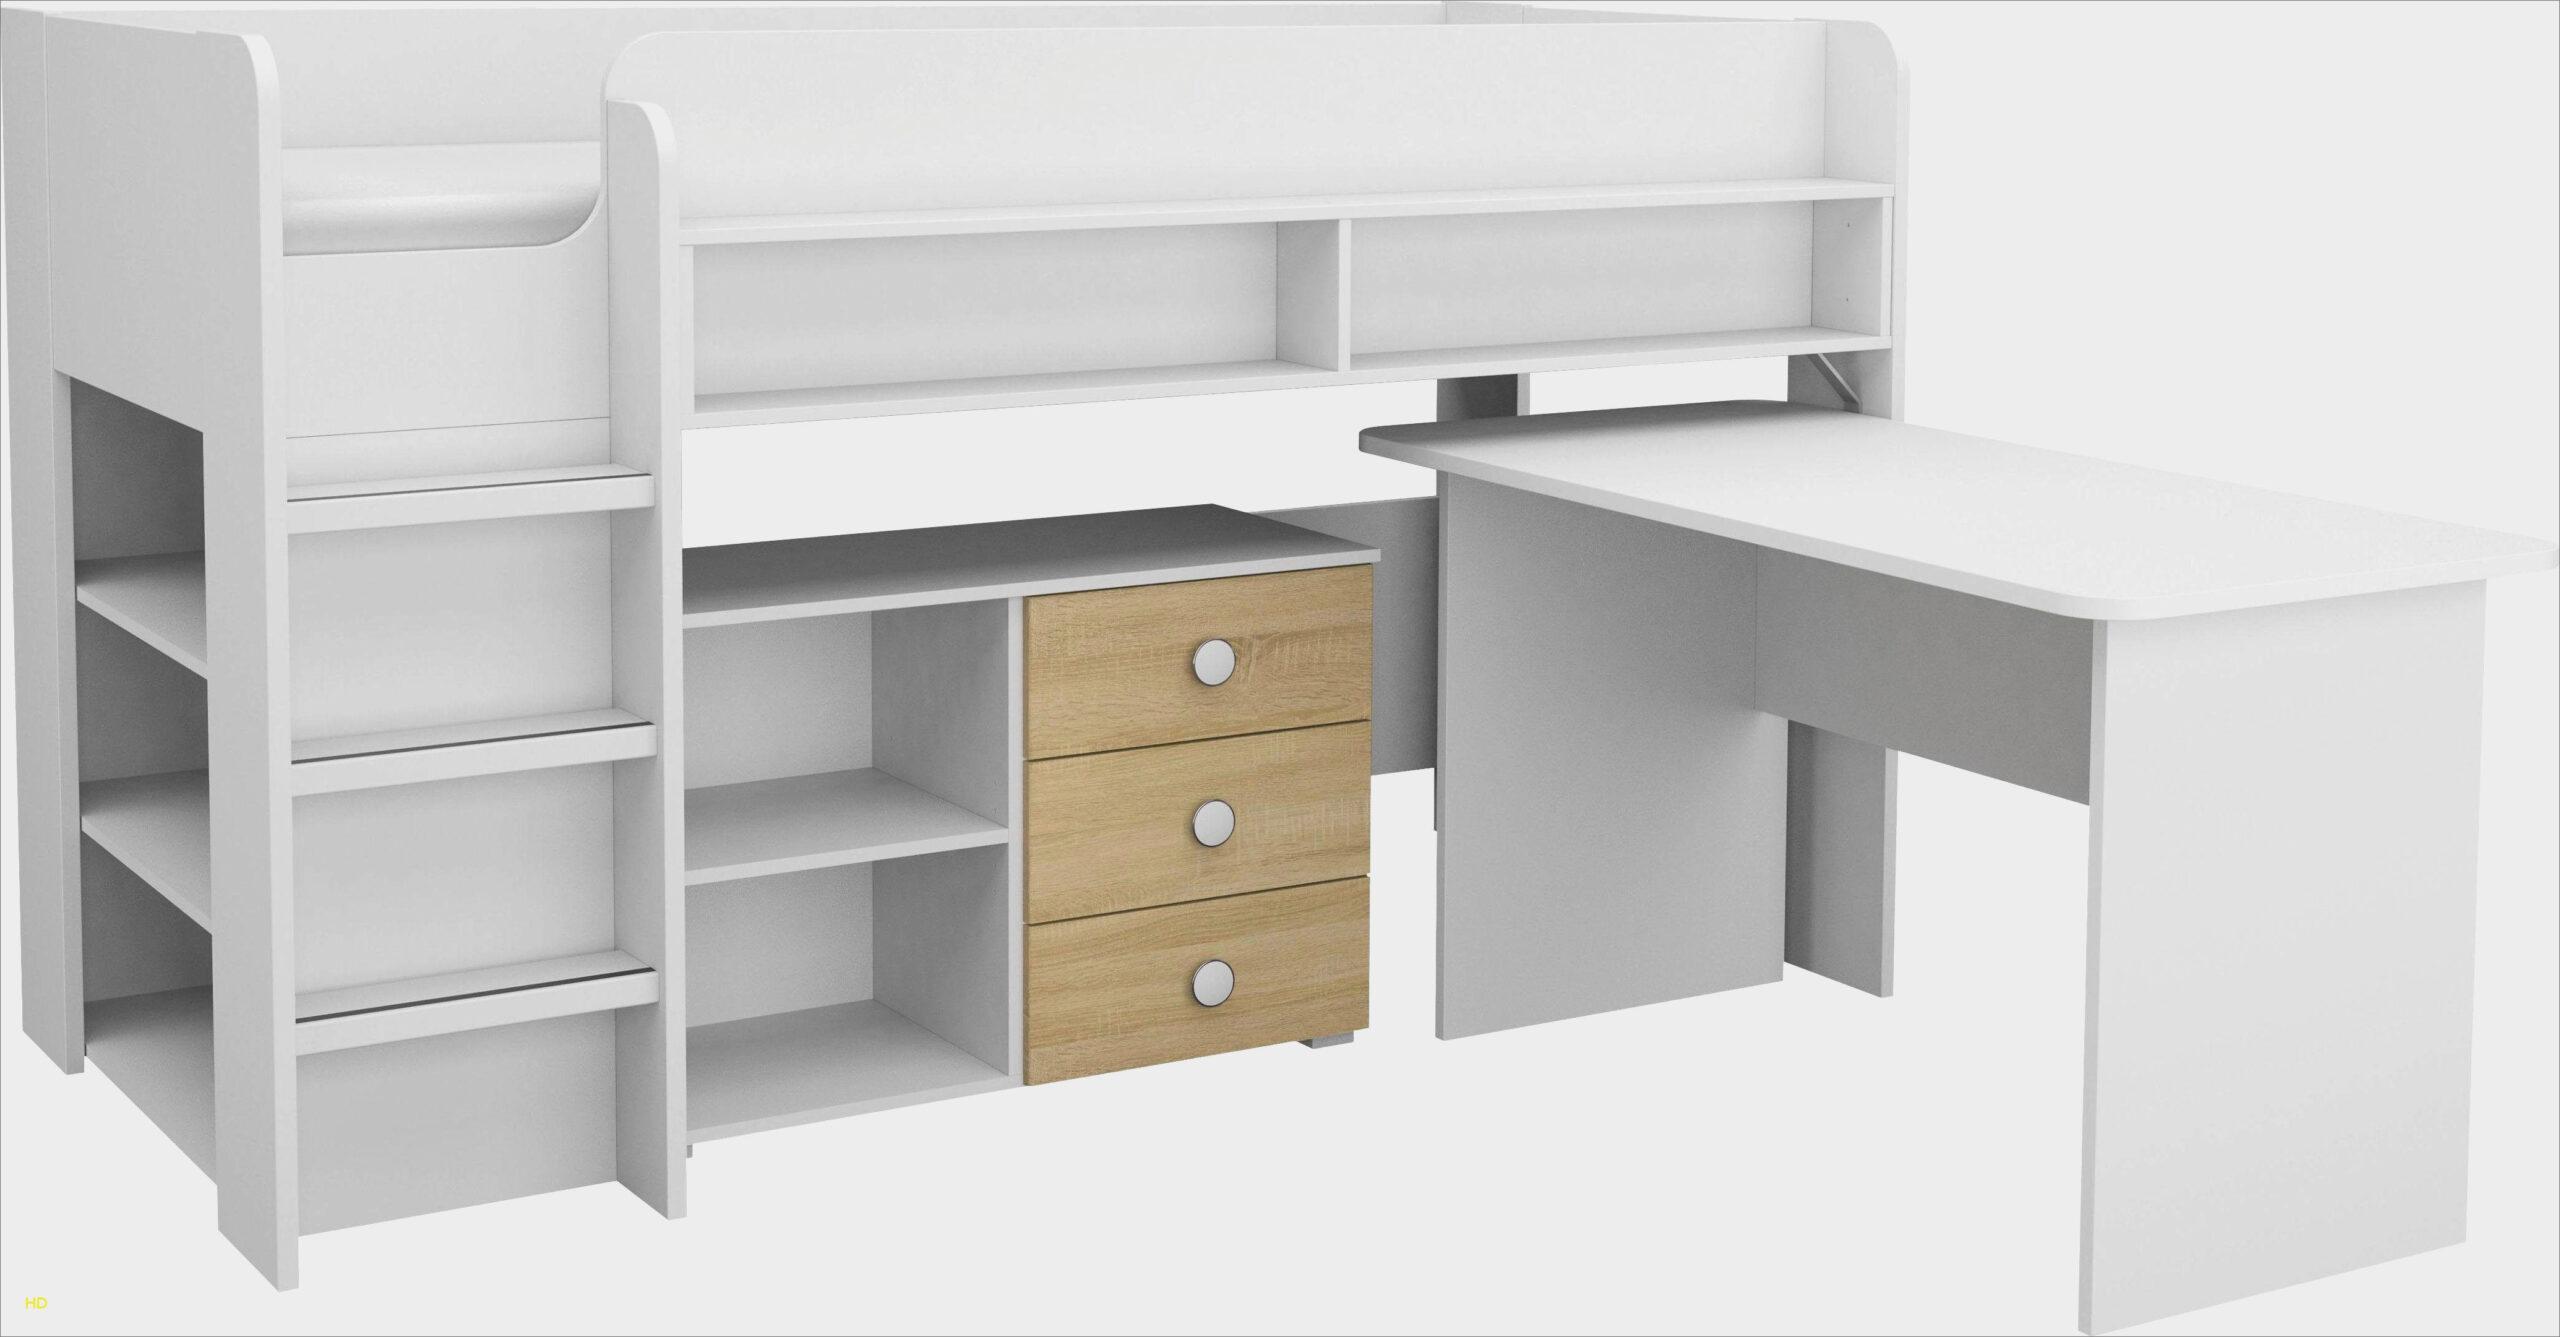 Full Size of Halbhohes Hochbett Bett Mit Schreibtisch Briliant Vk Anleitung Wohnzimmer Halbhohes Hochbett